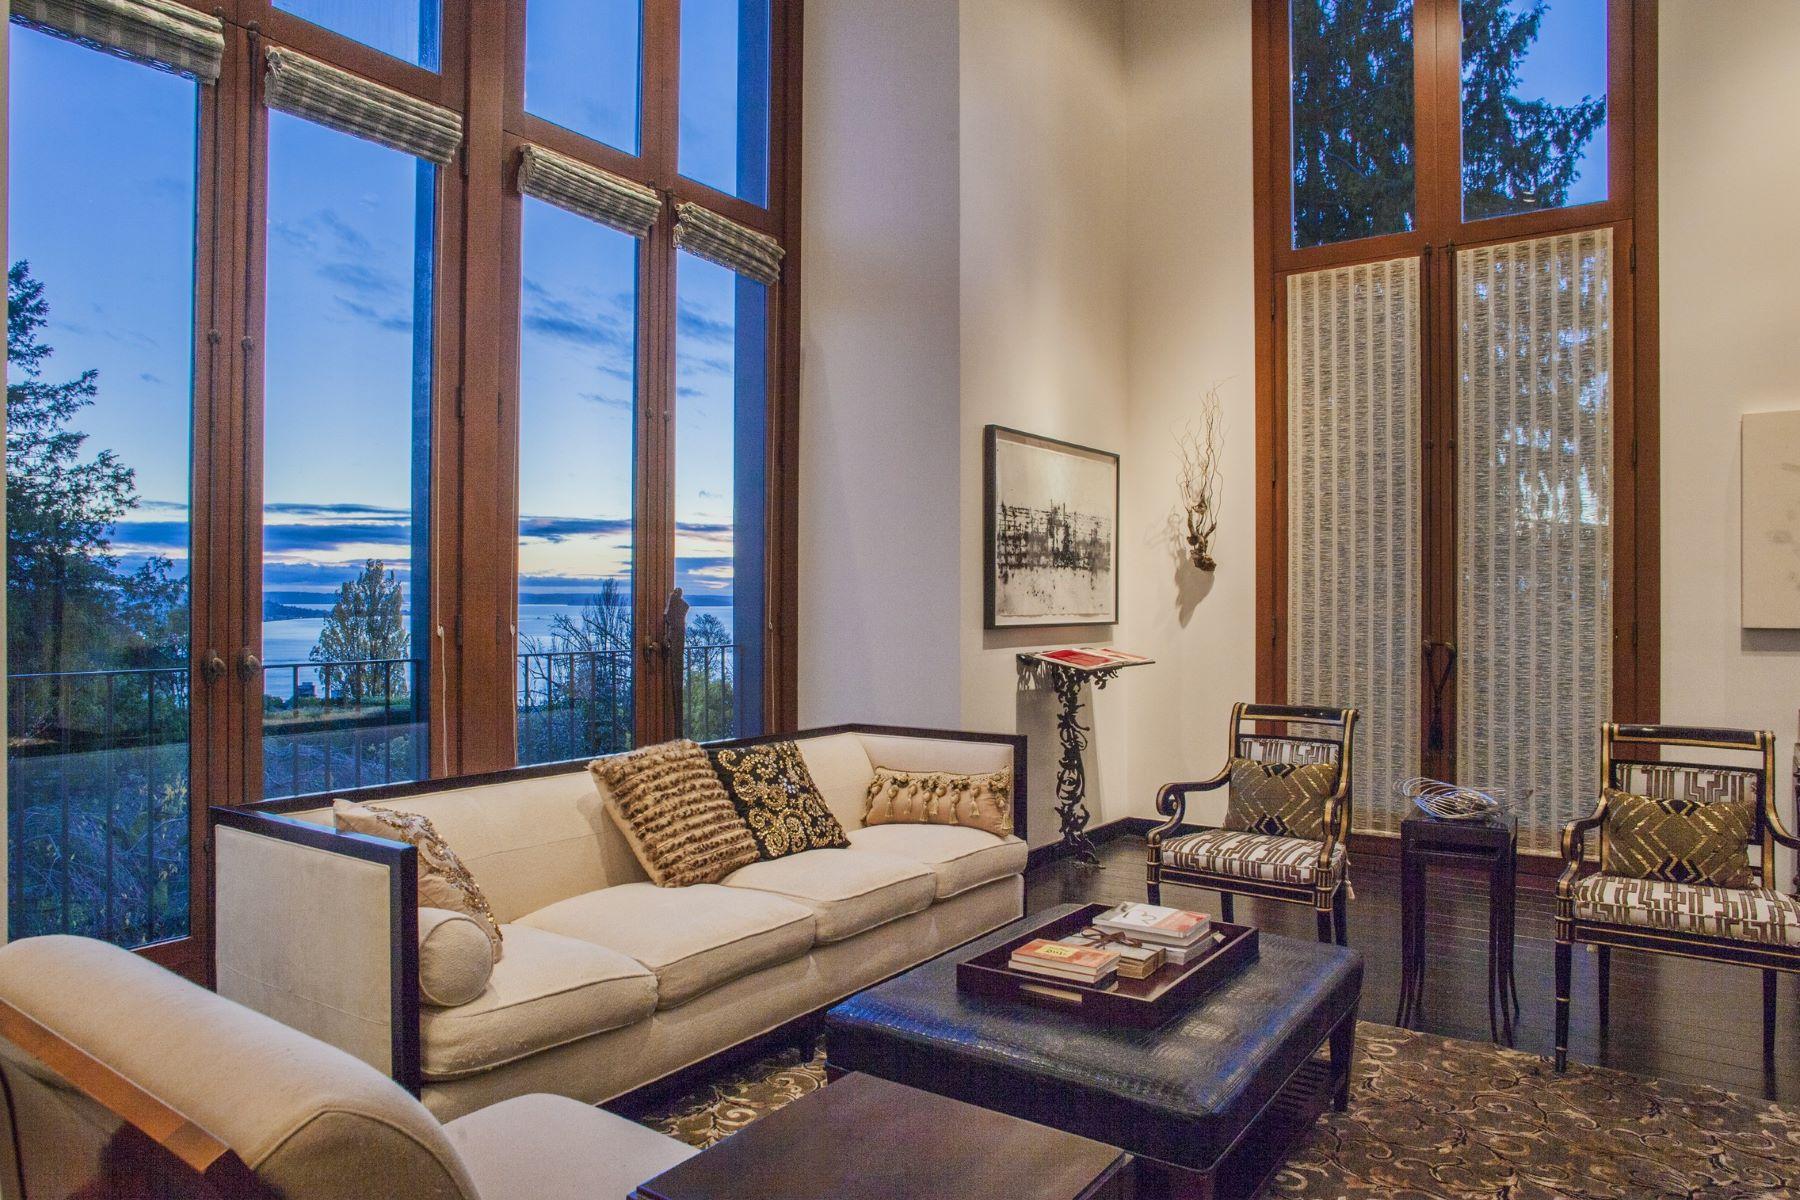 Villa per Vendita alle ore 1217 Willard Avenue W Seattle, Washington, 98119 Stati Uniti